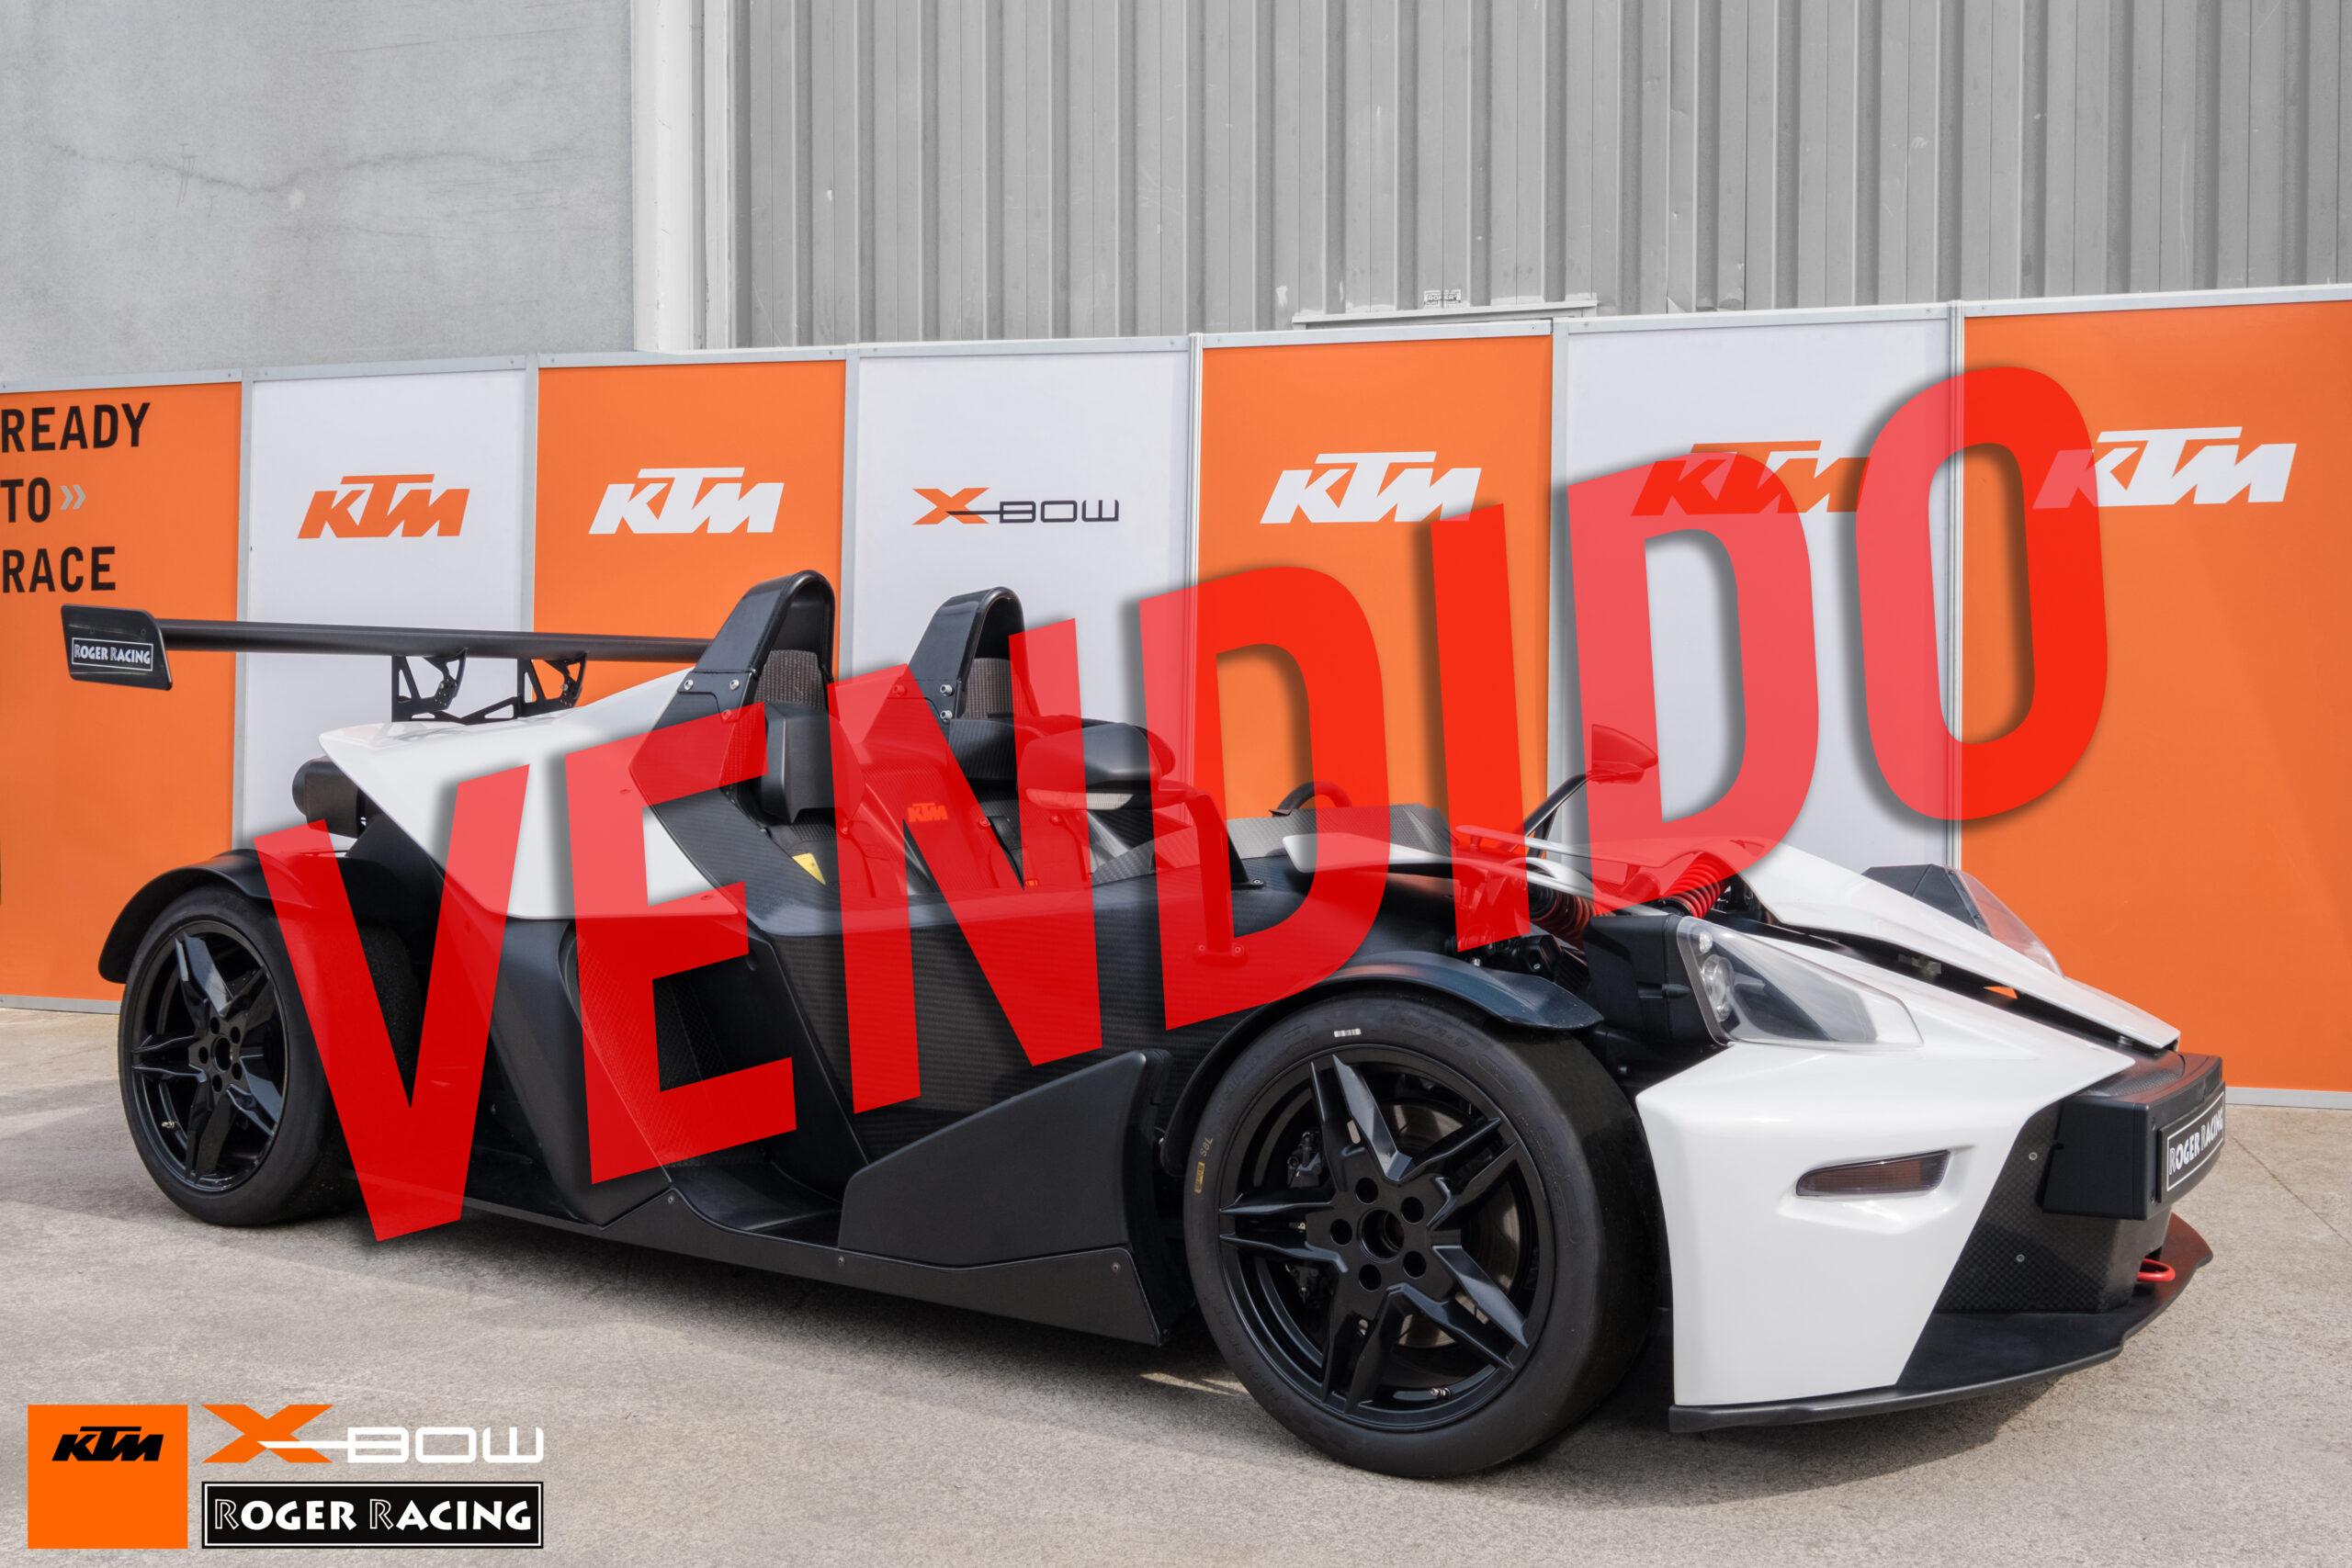 vendido_Roger_Racing_KTM_XBOW_8865